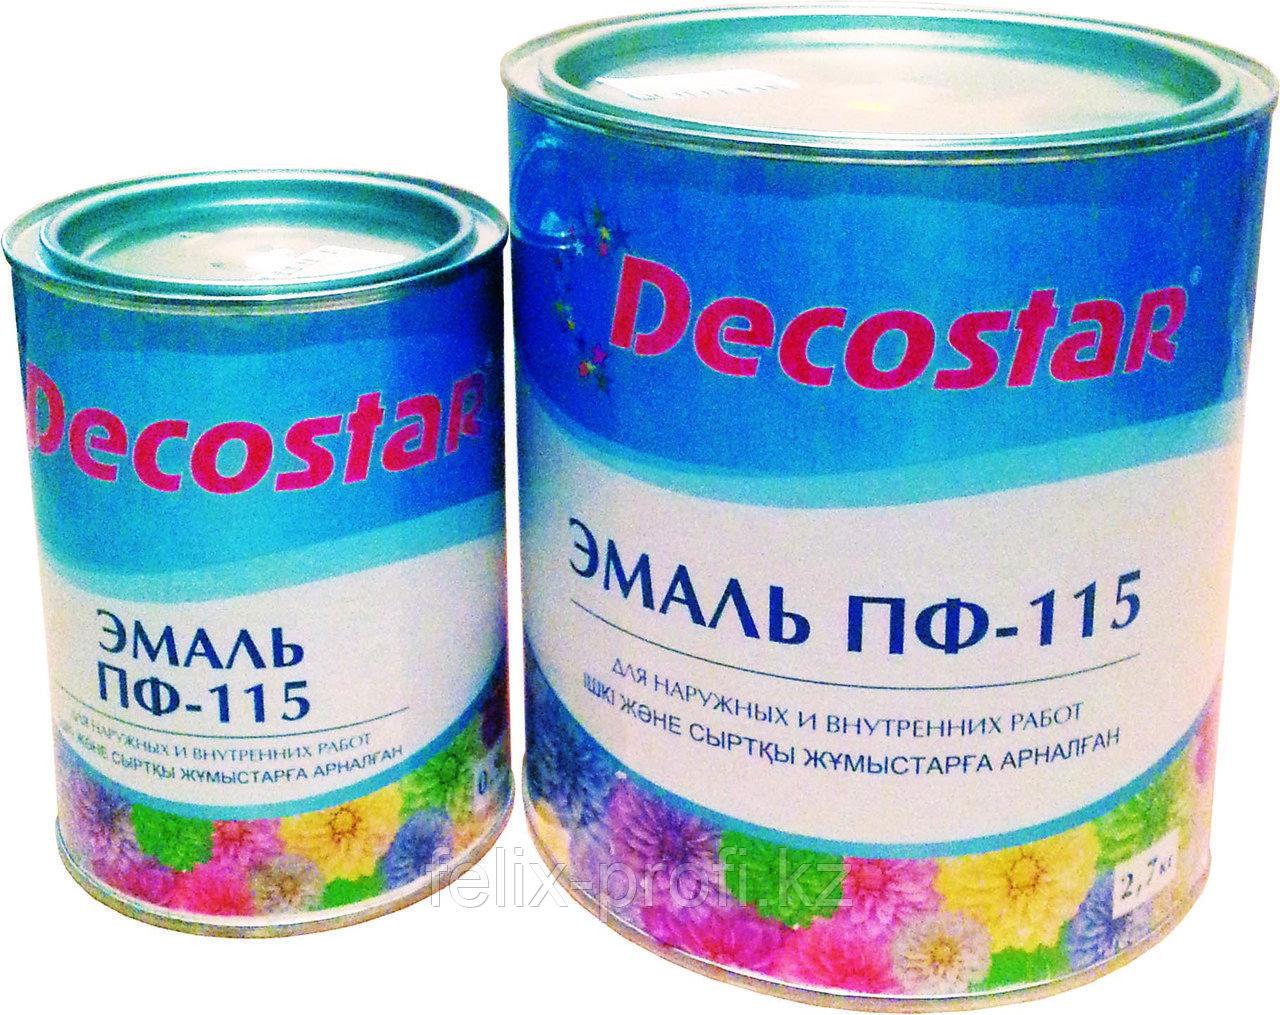 Decostar Эмаль ПФ-115 серая, 2.7 кг